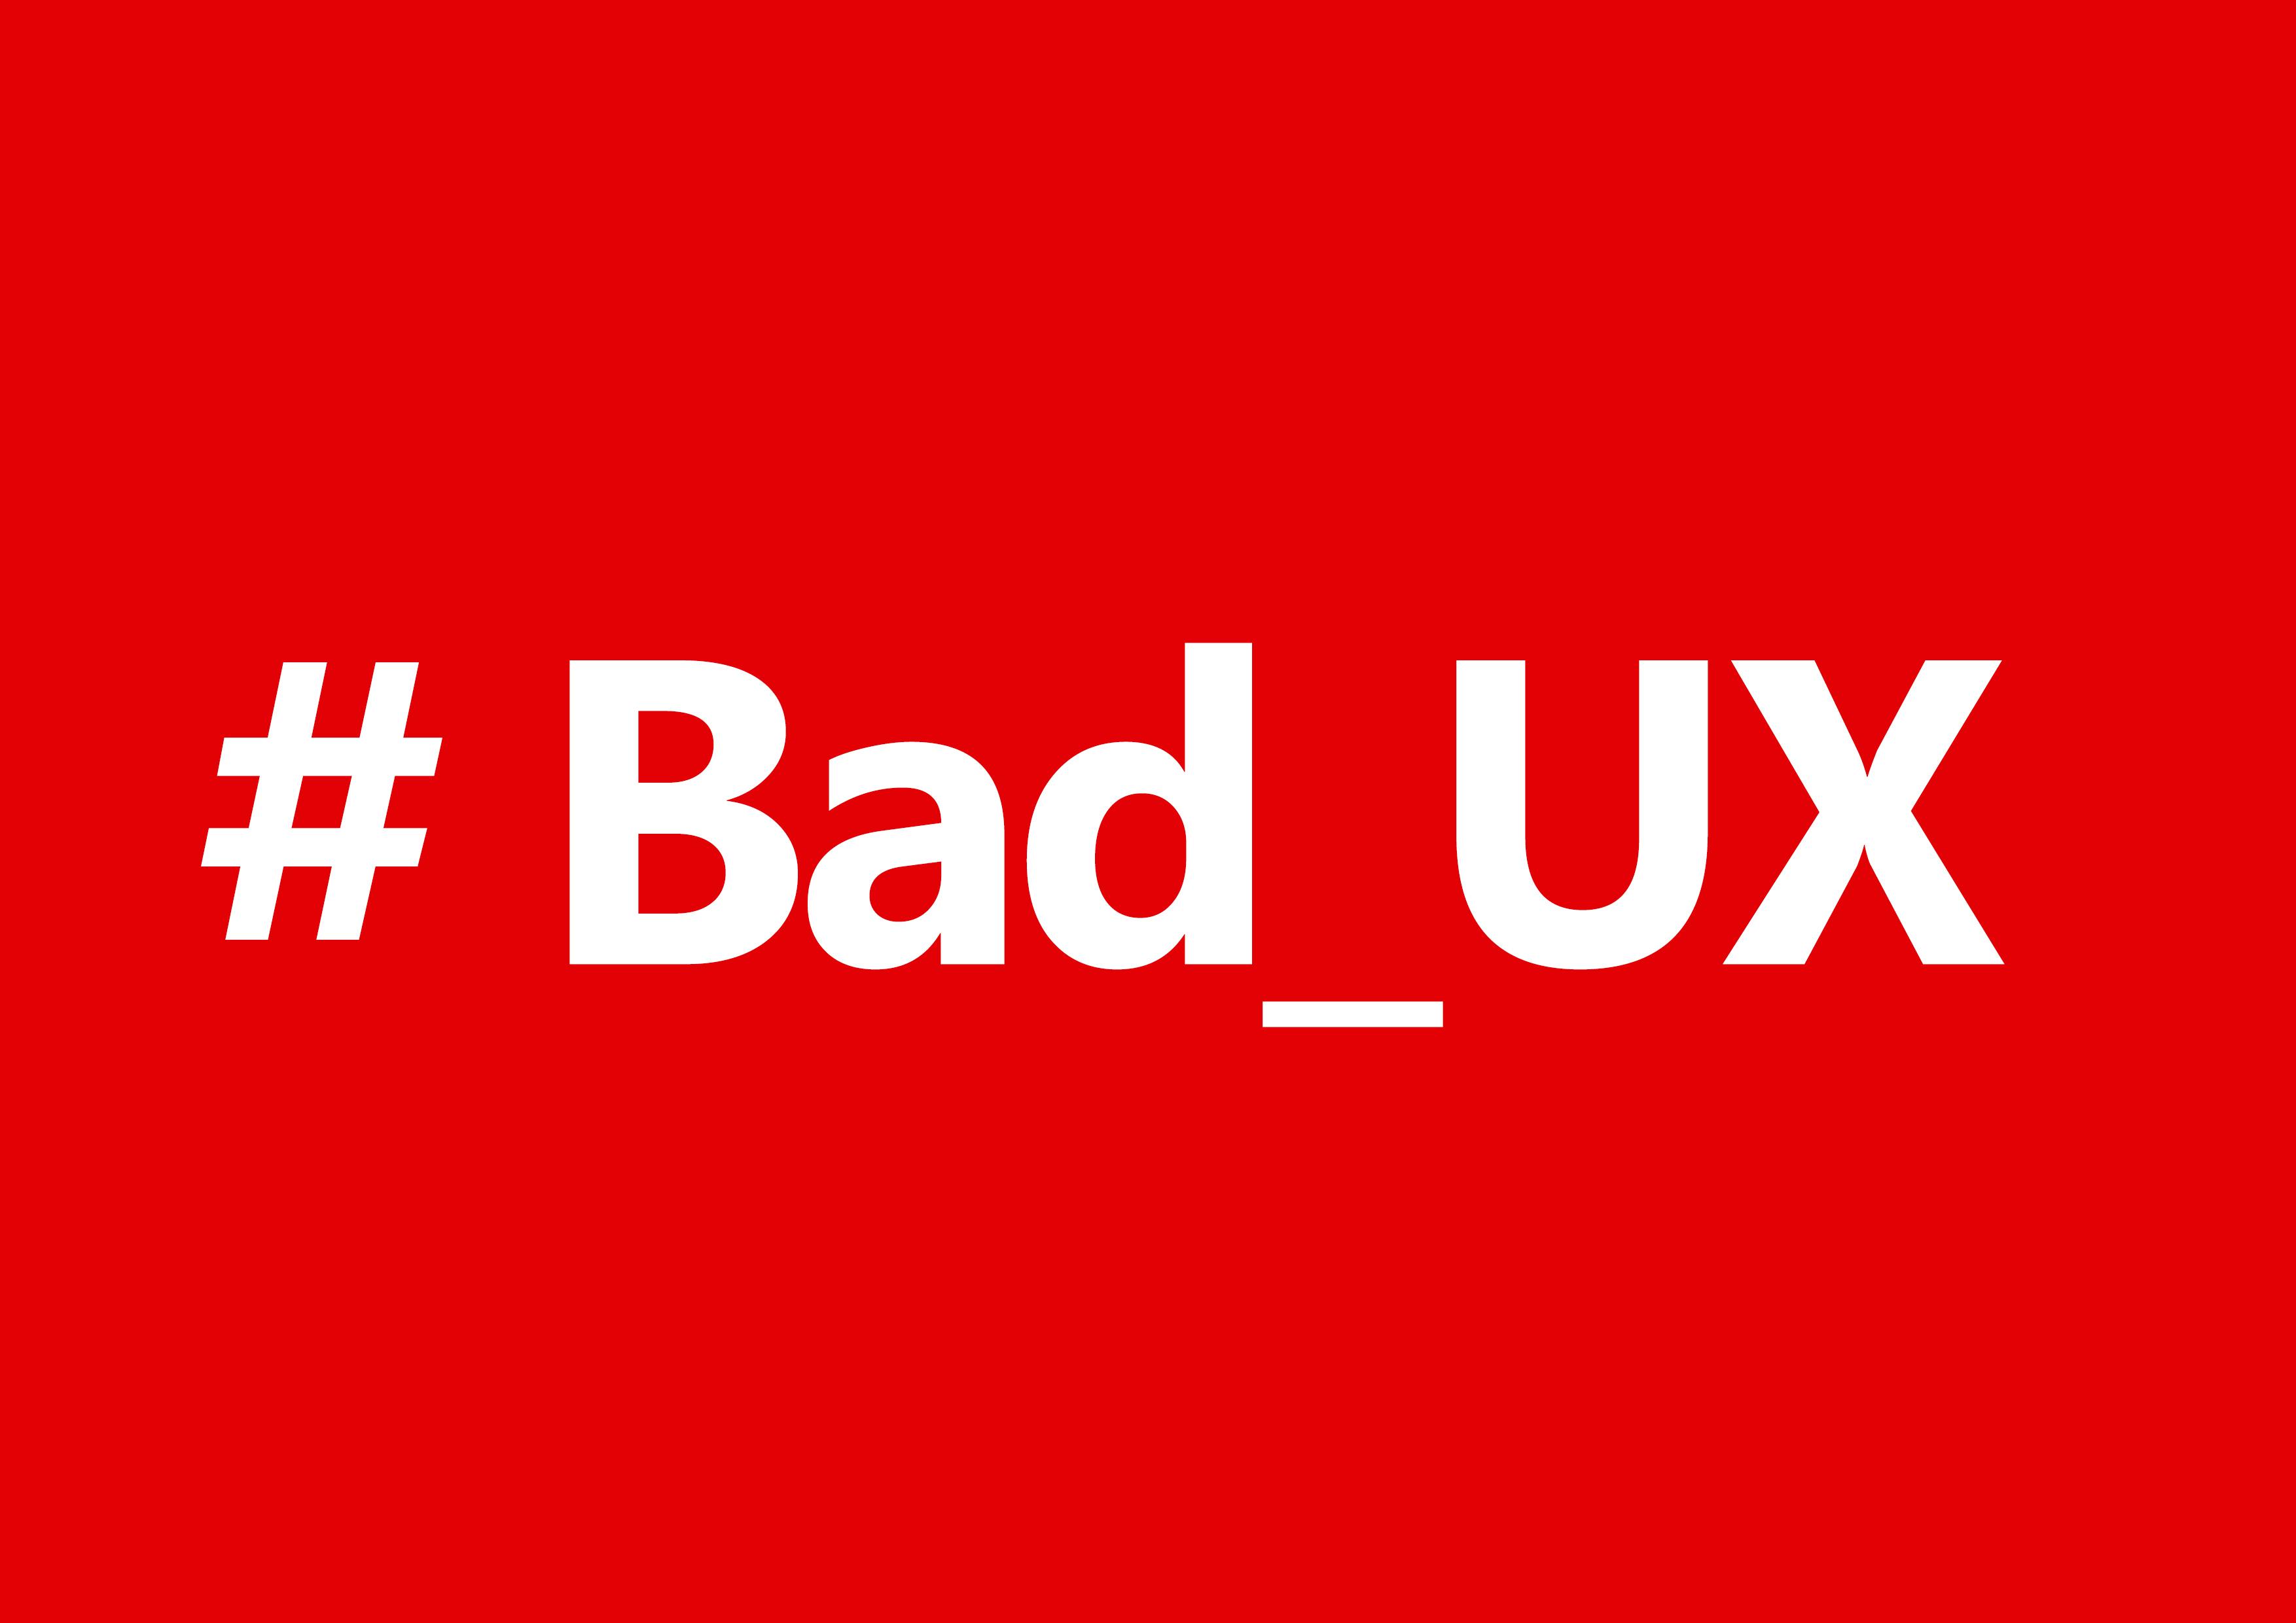 تجربه کاربری بد(2)